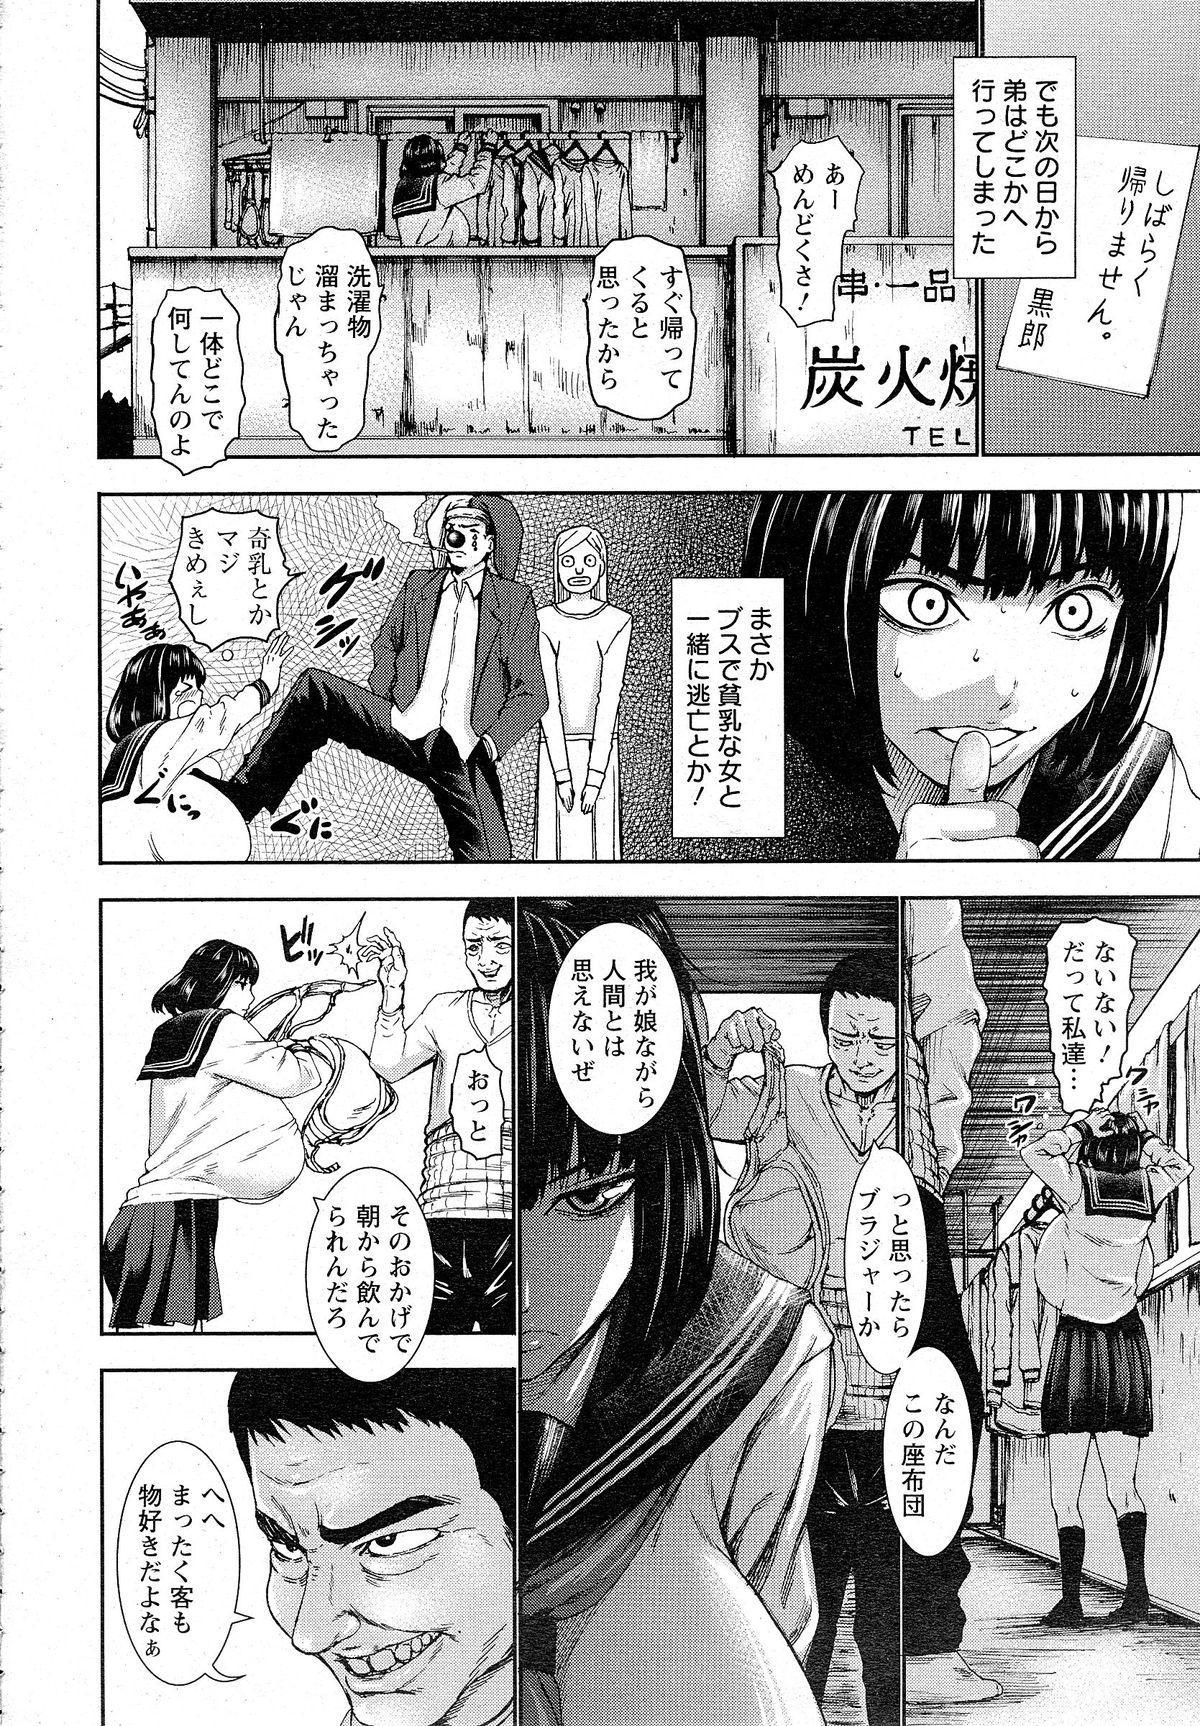 [PIero] Kuroyuki ~Inniku Sakunyuu Jigoku~ Kouhen (Angel Club 2015-05) 5